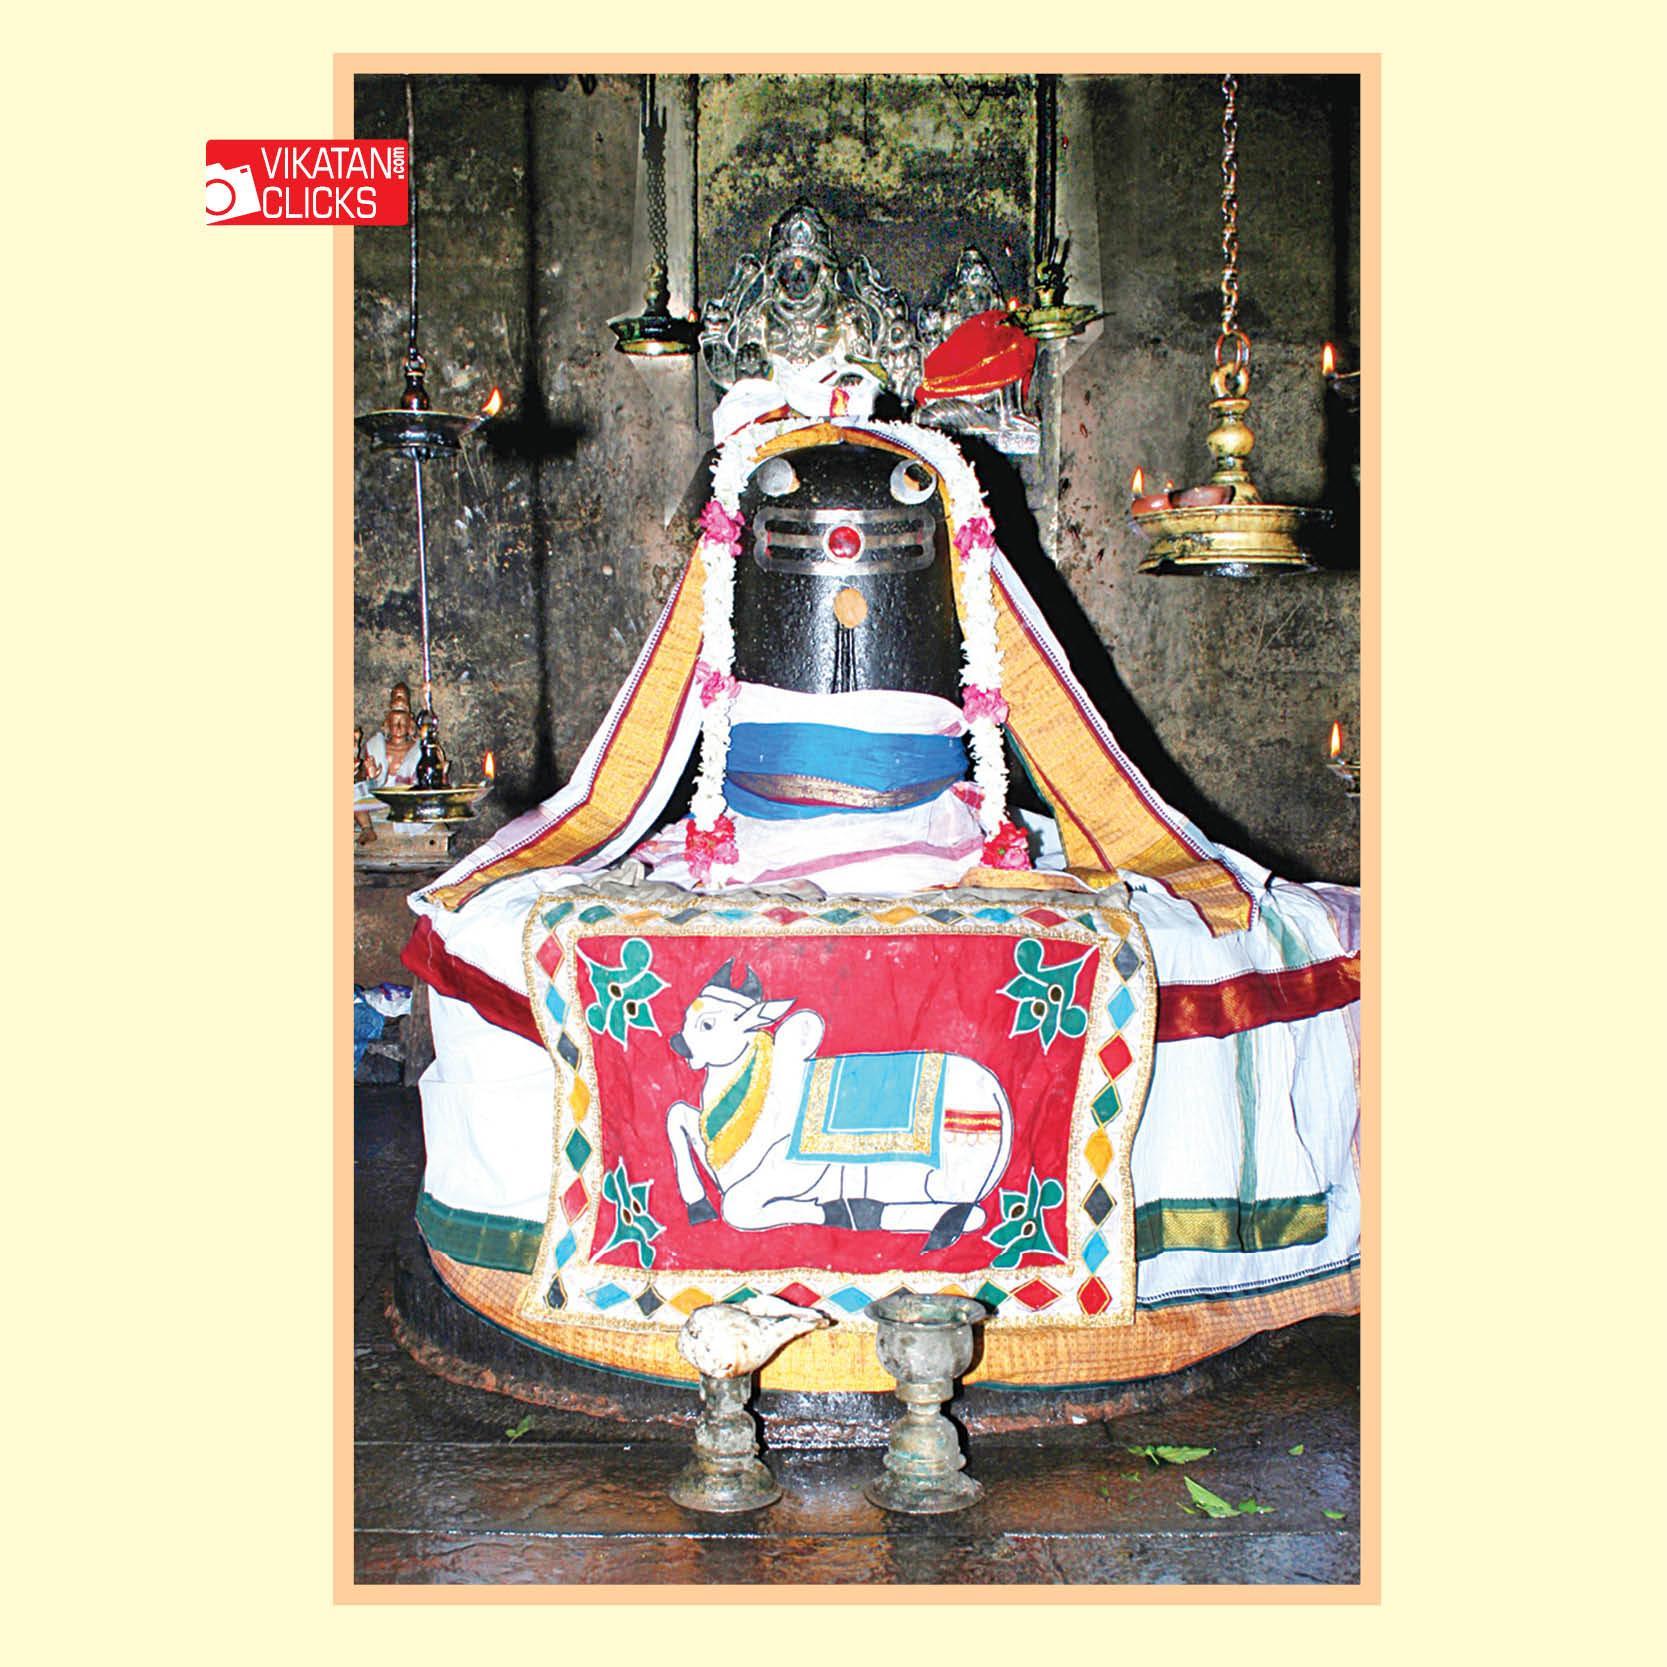 நாகப்பட்டினம் ஸ்ரீகாயாரோகணேஸ்வரர்